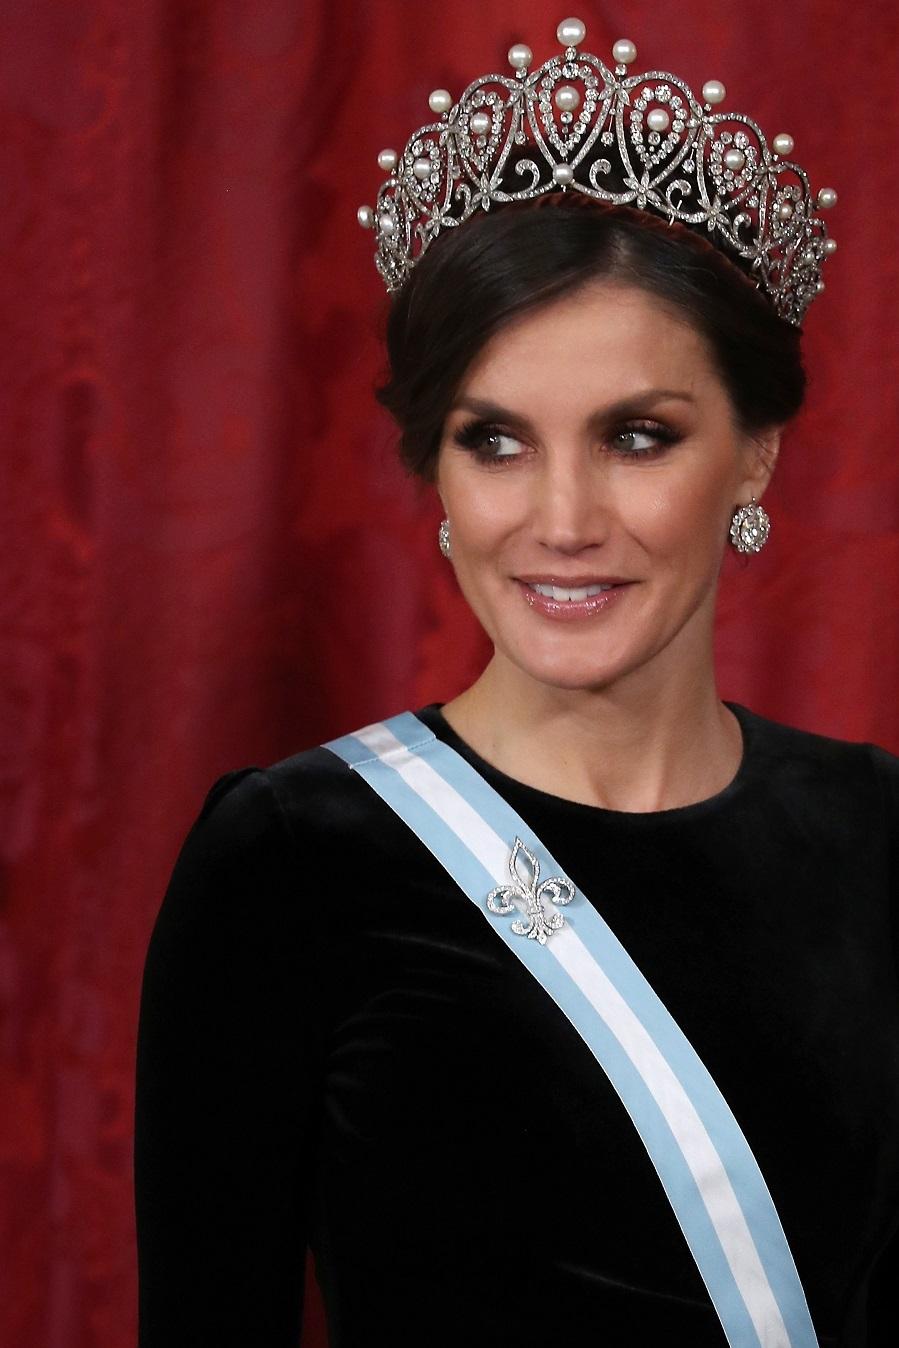 La Reina estrenó la tiara rusa, en la que destacan las perlas. El...